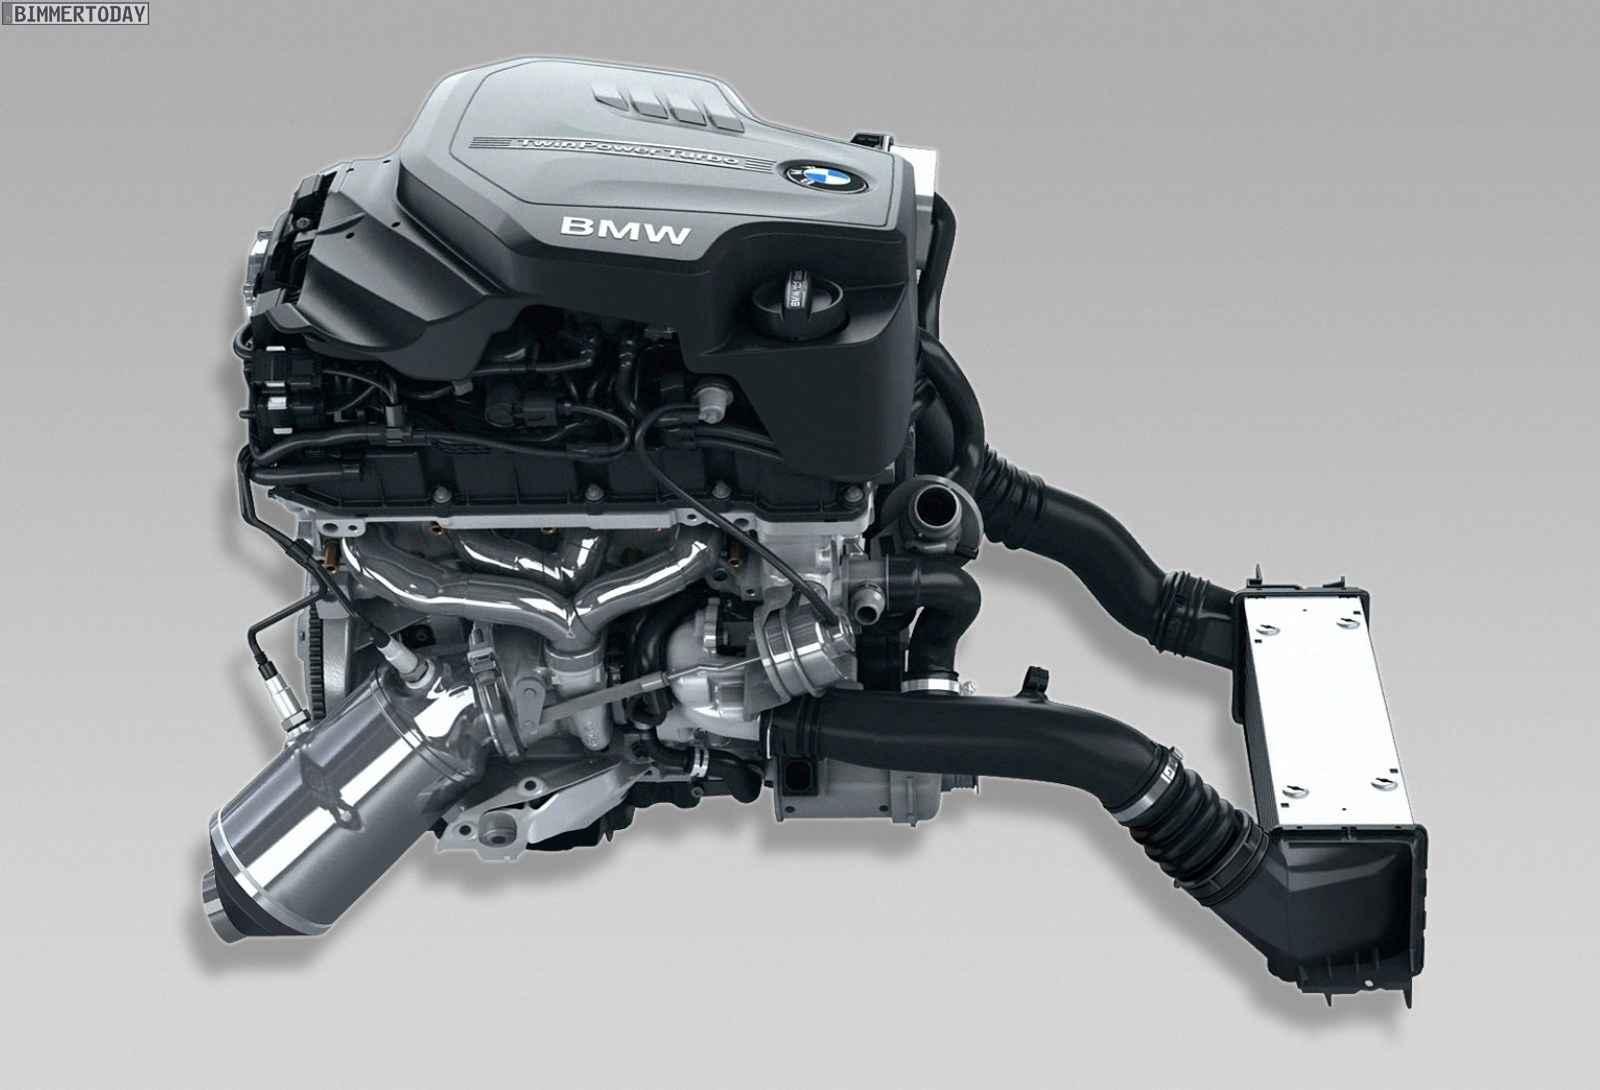 BMW TwinPower Vierzylinder N20B20